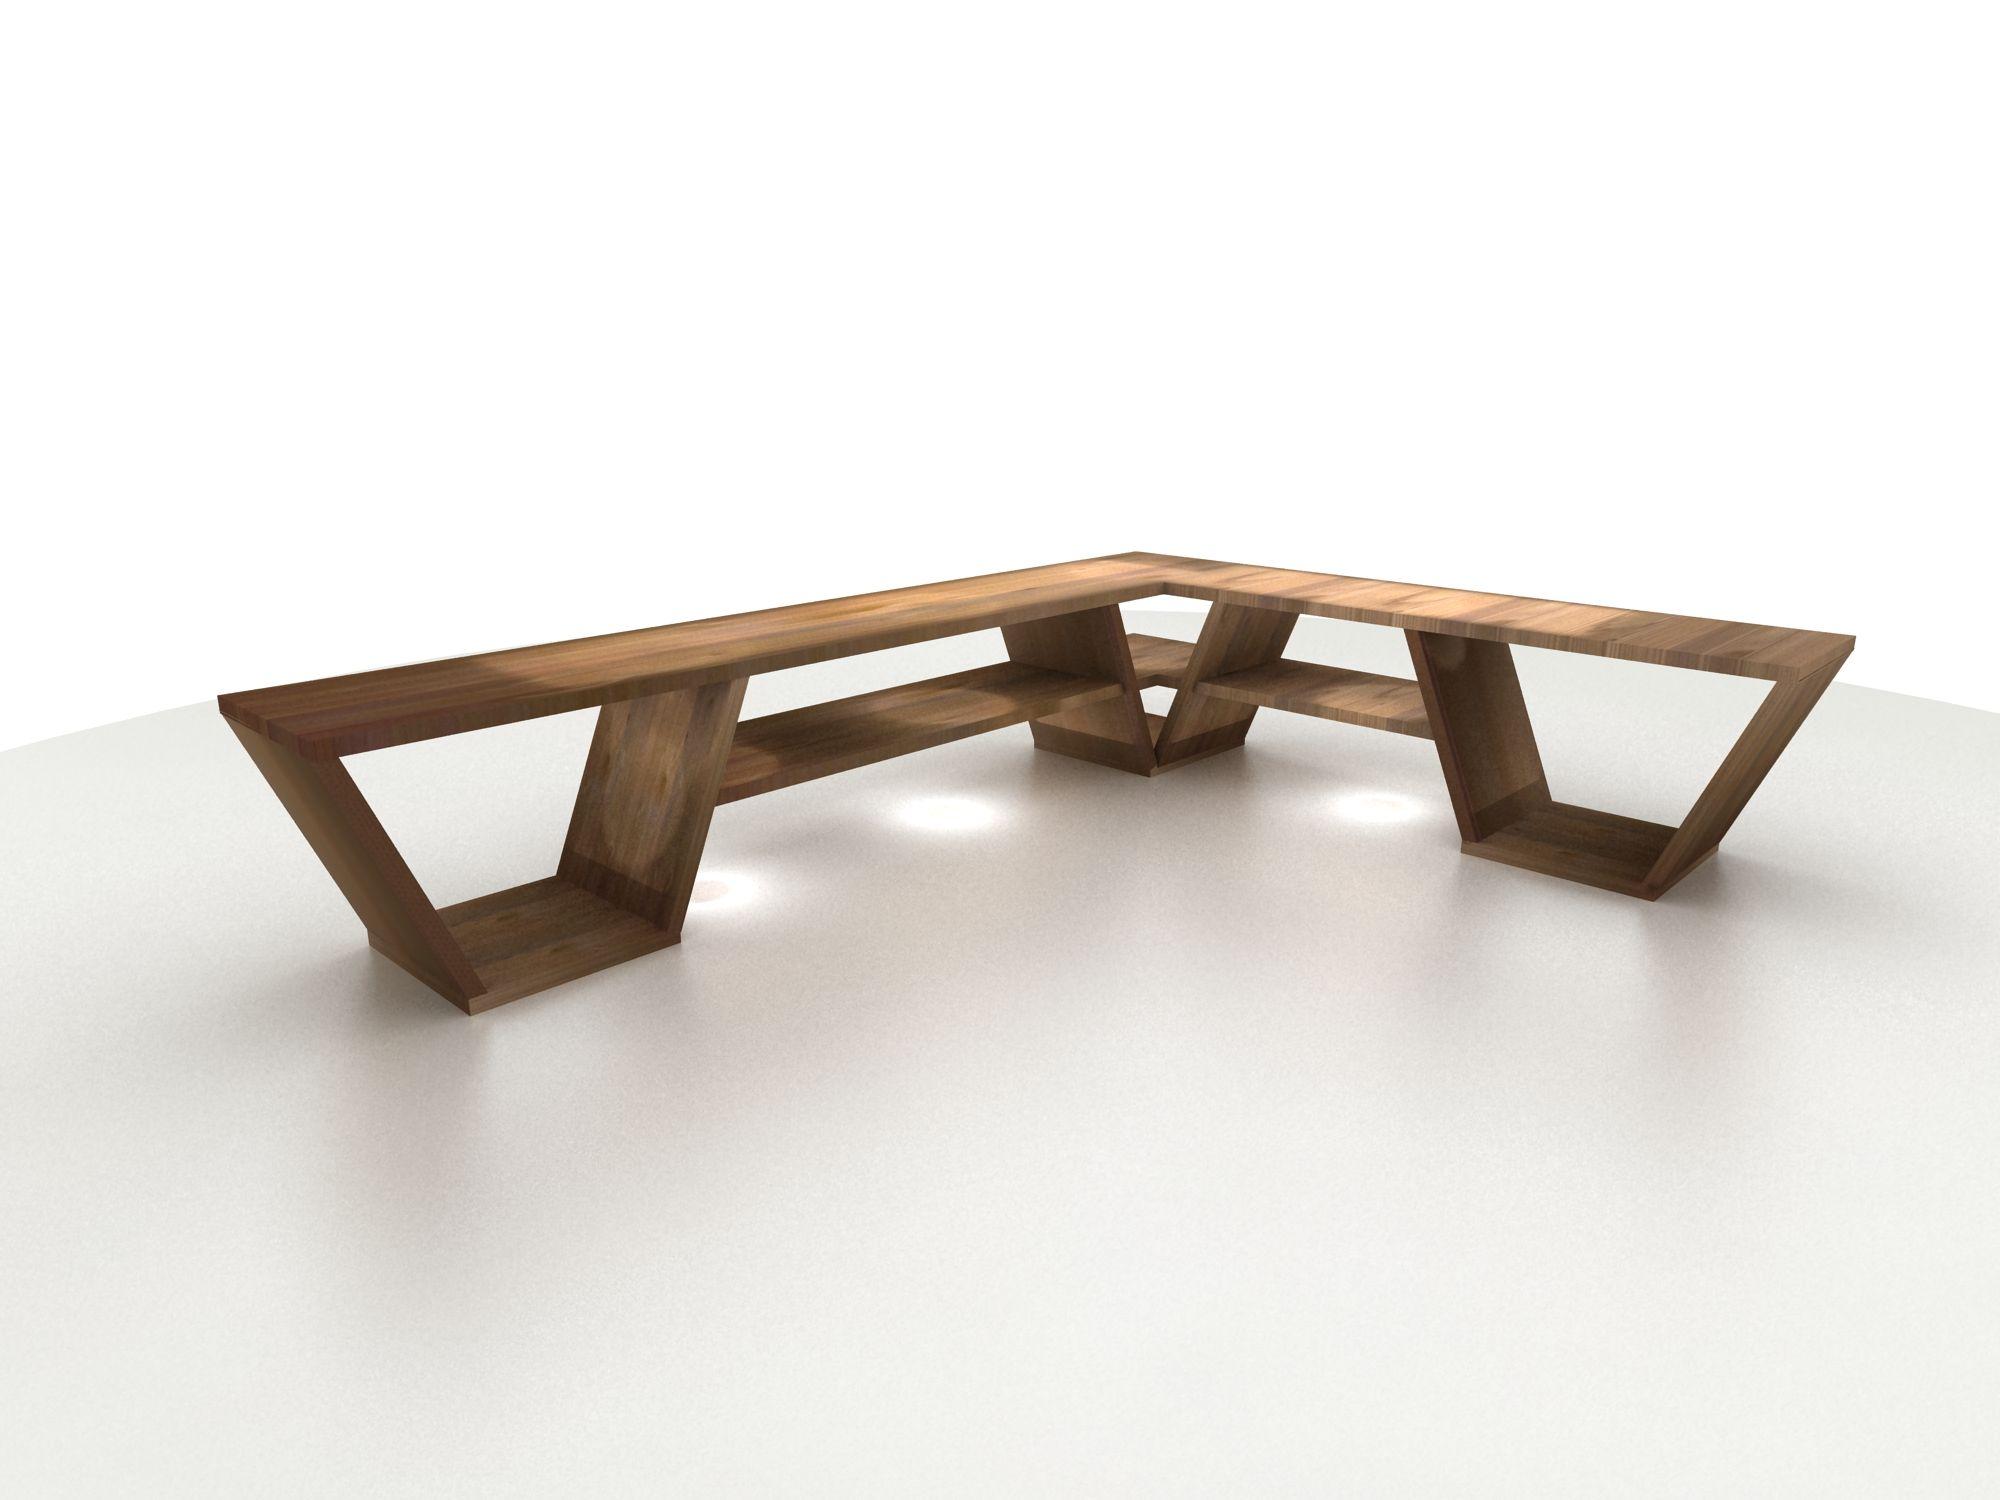 Muebles de diseño a medida en el Eixample, Barcelona